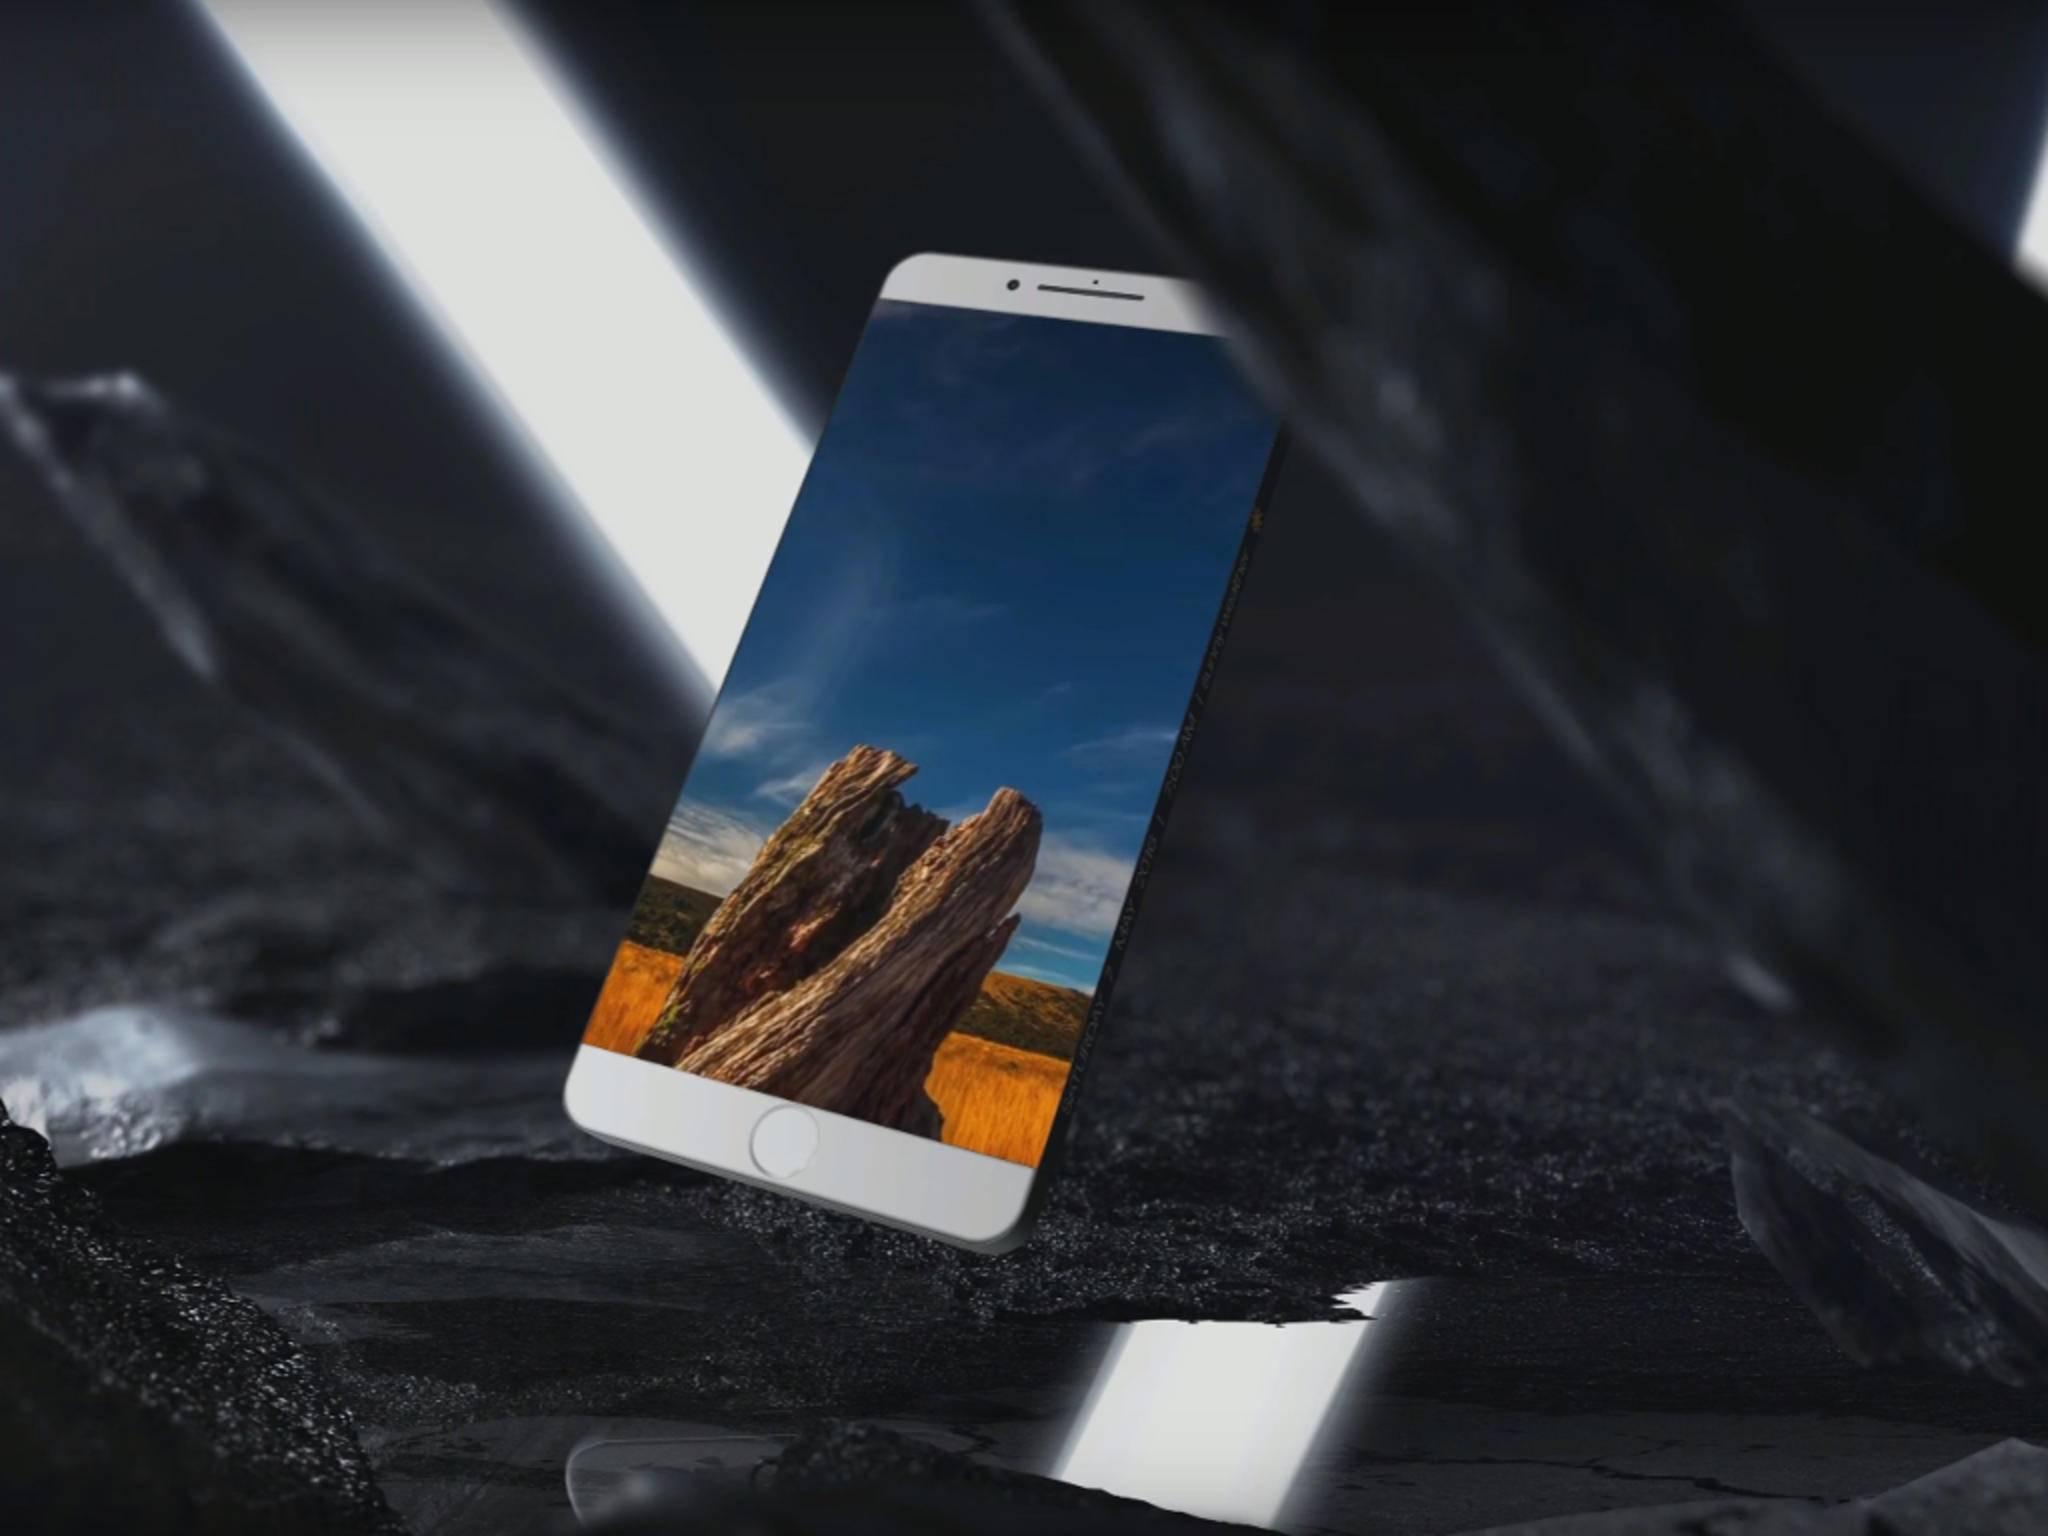 Ob das echte iPhone 7 auch so schön aussehen wird?